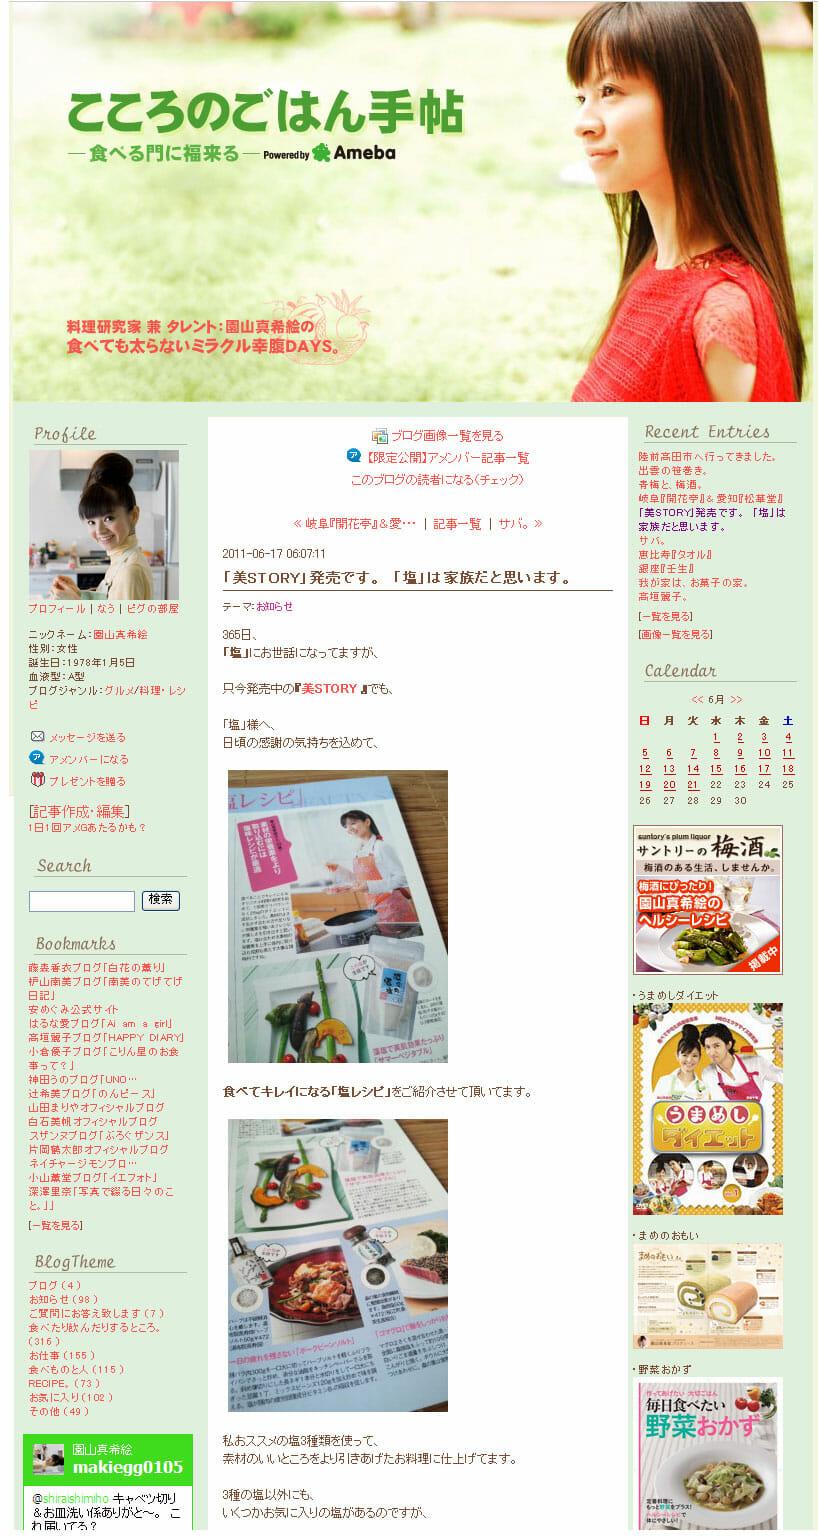 美STORY 桑焼塩blog